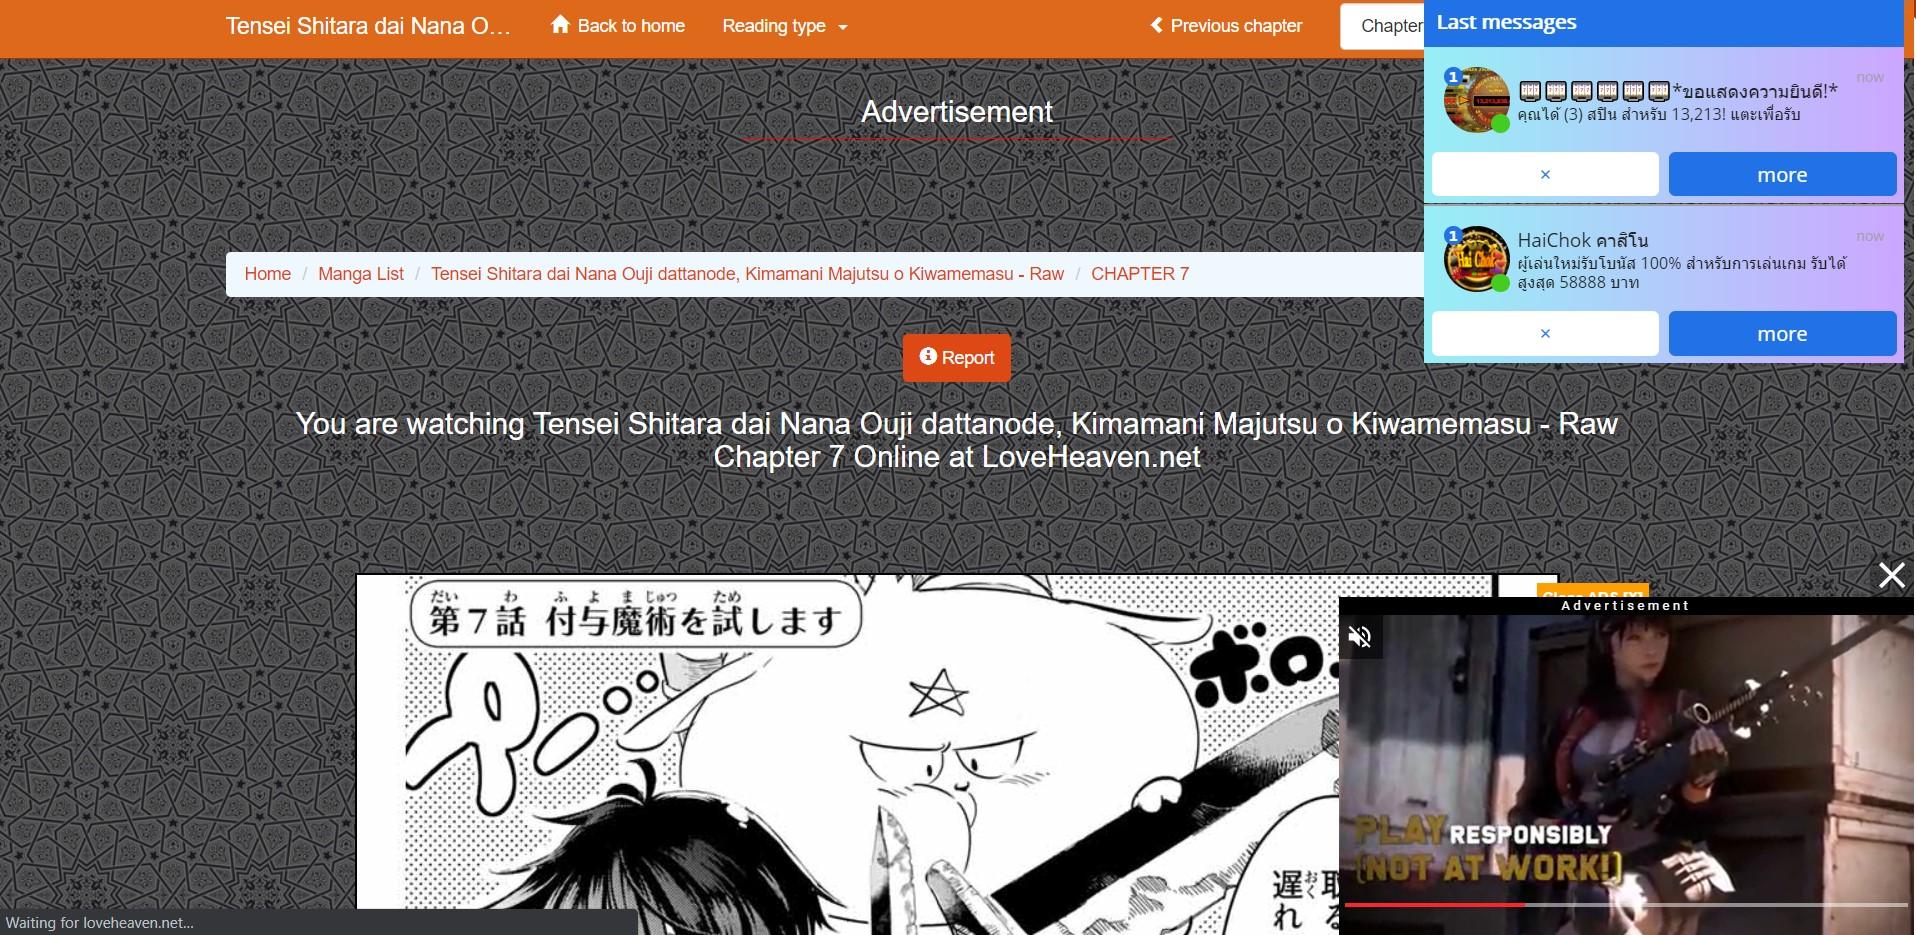 หน้าเว็บอ่านการ์ตูนออนไลน์ที่มีโฆษณาอยู่ตรงมุมบนด้านขวา และวิดีโอโฆษณาตรงมุมด้านล่างขวามือ